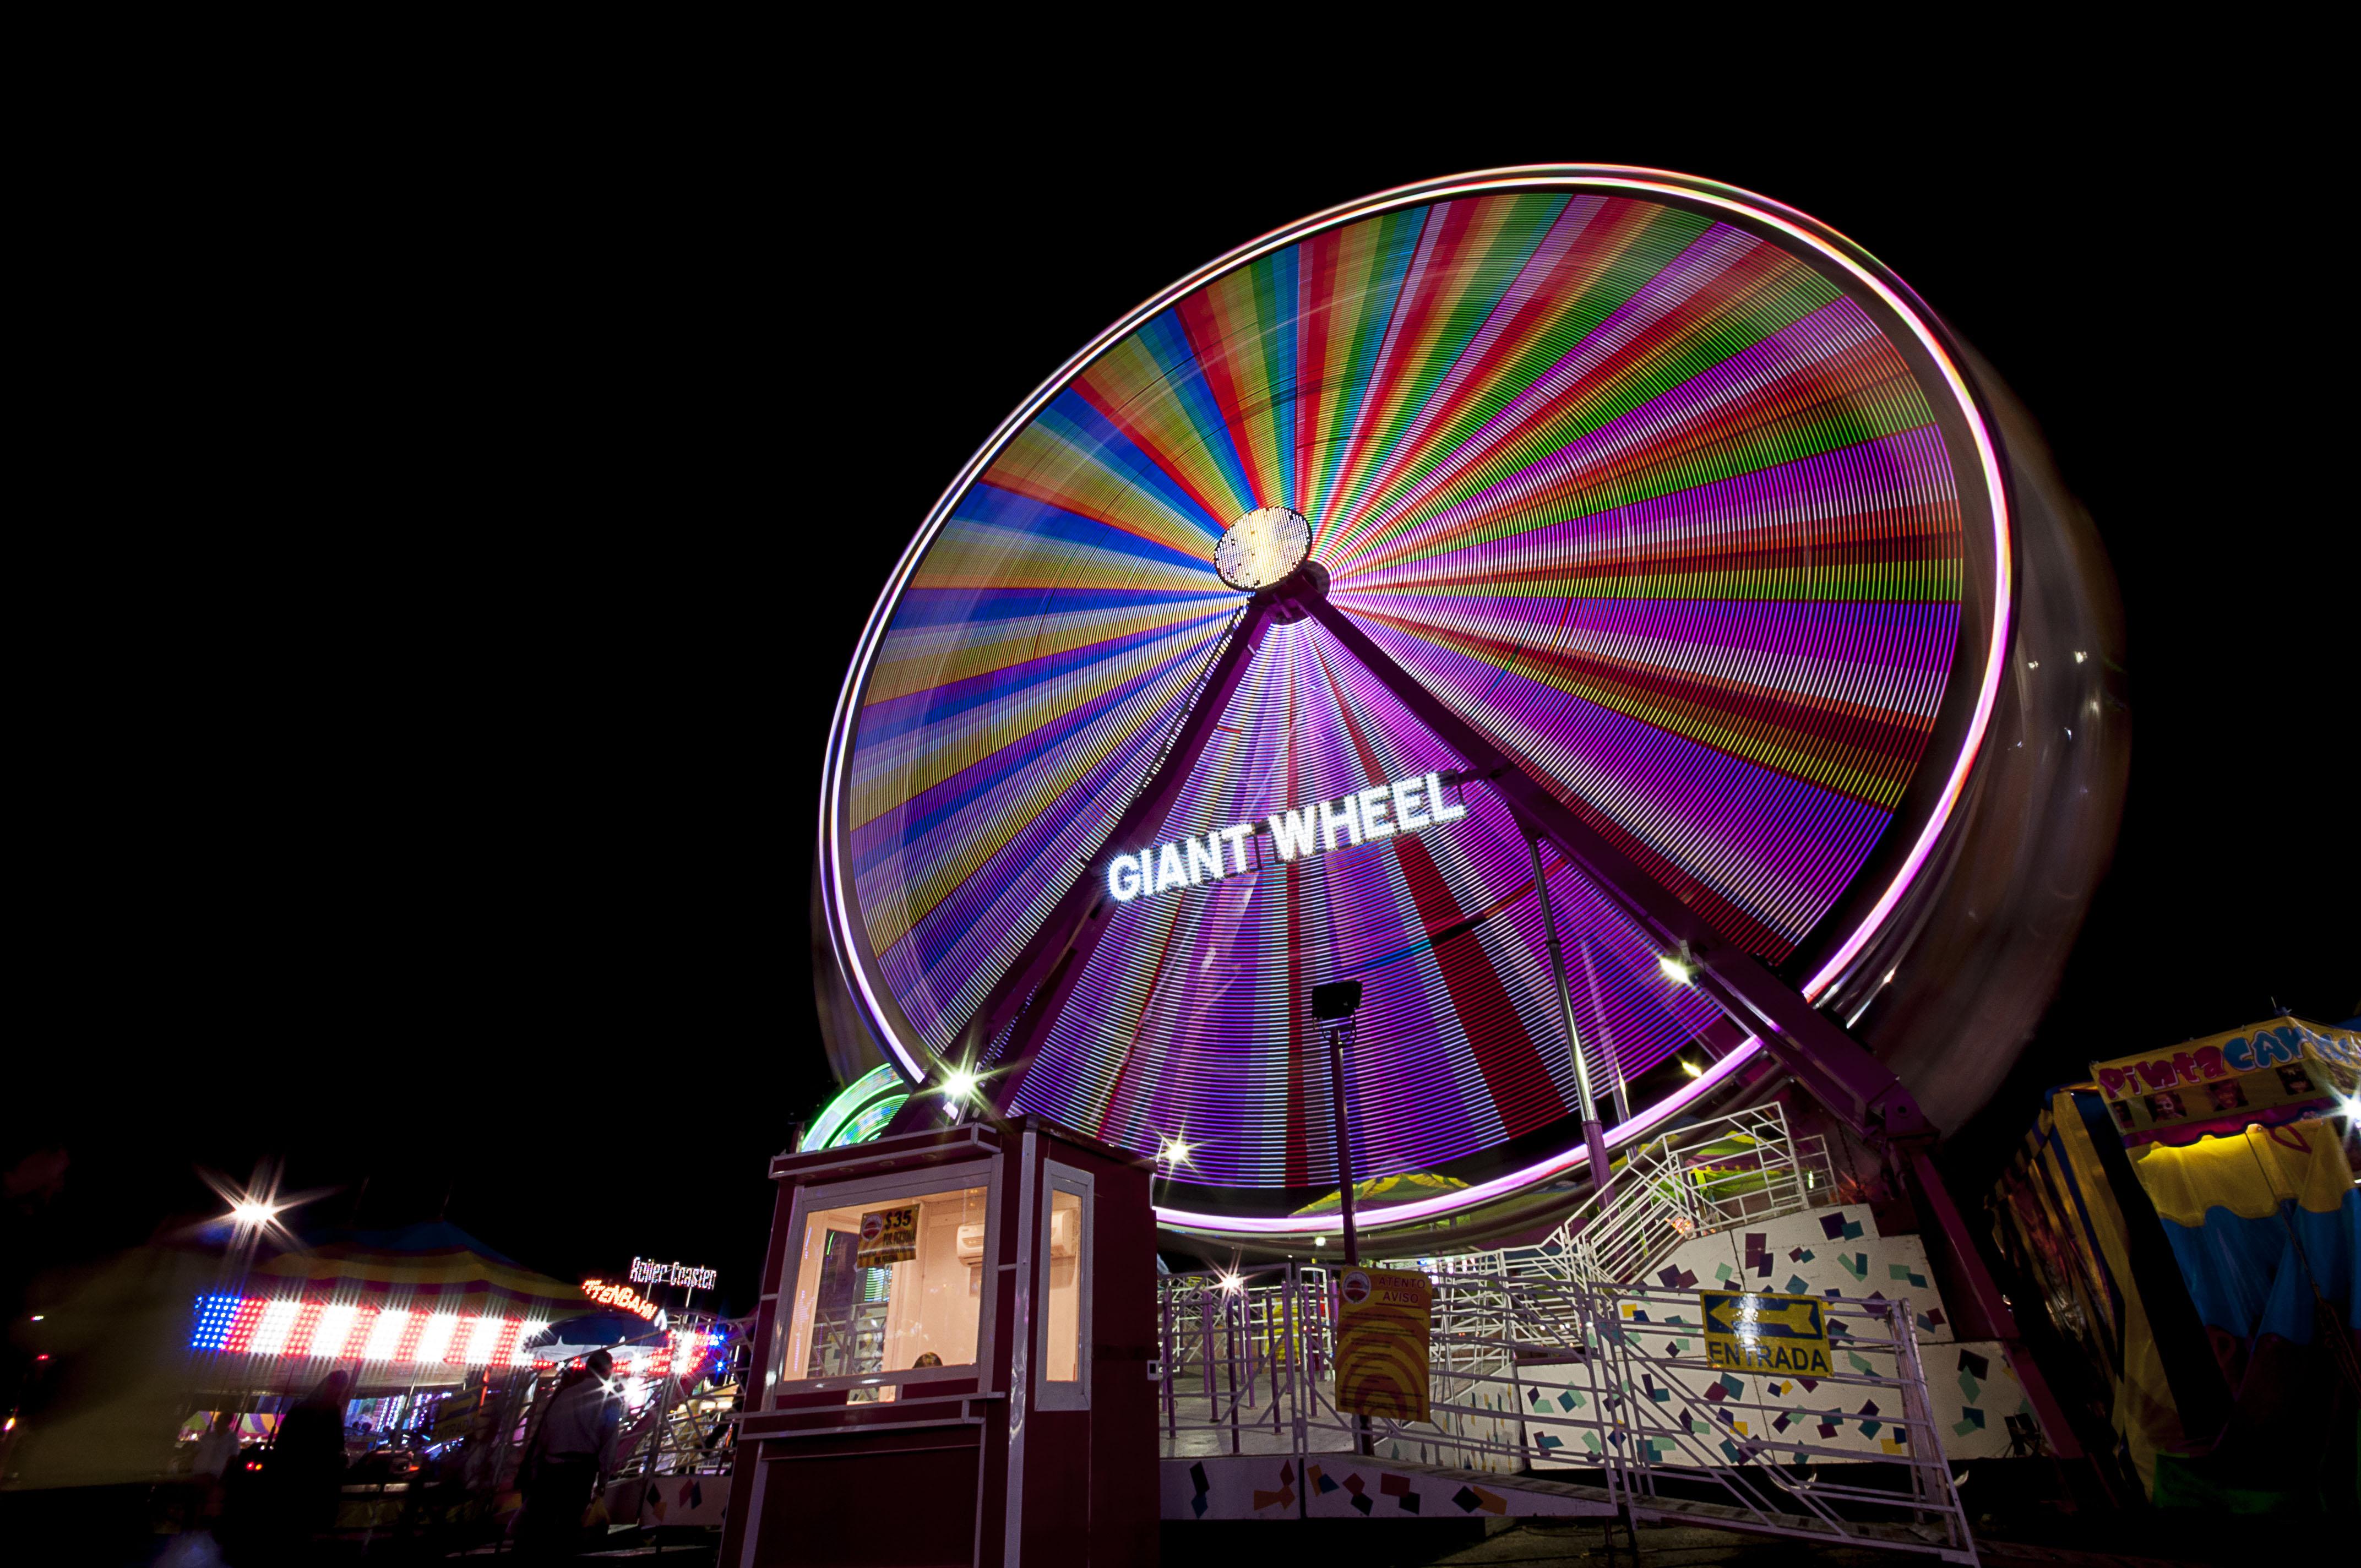 Imagen de la rueda de la fortuna de la FENADU 2015, publicación del sitio web durango.com.mx